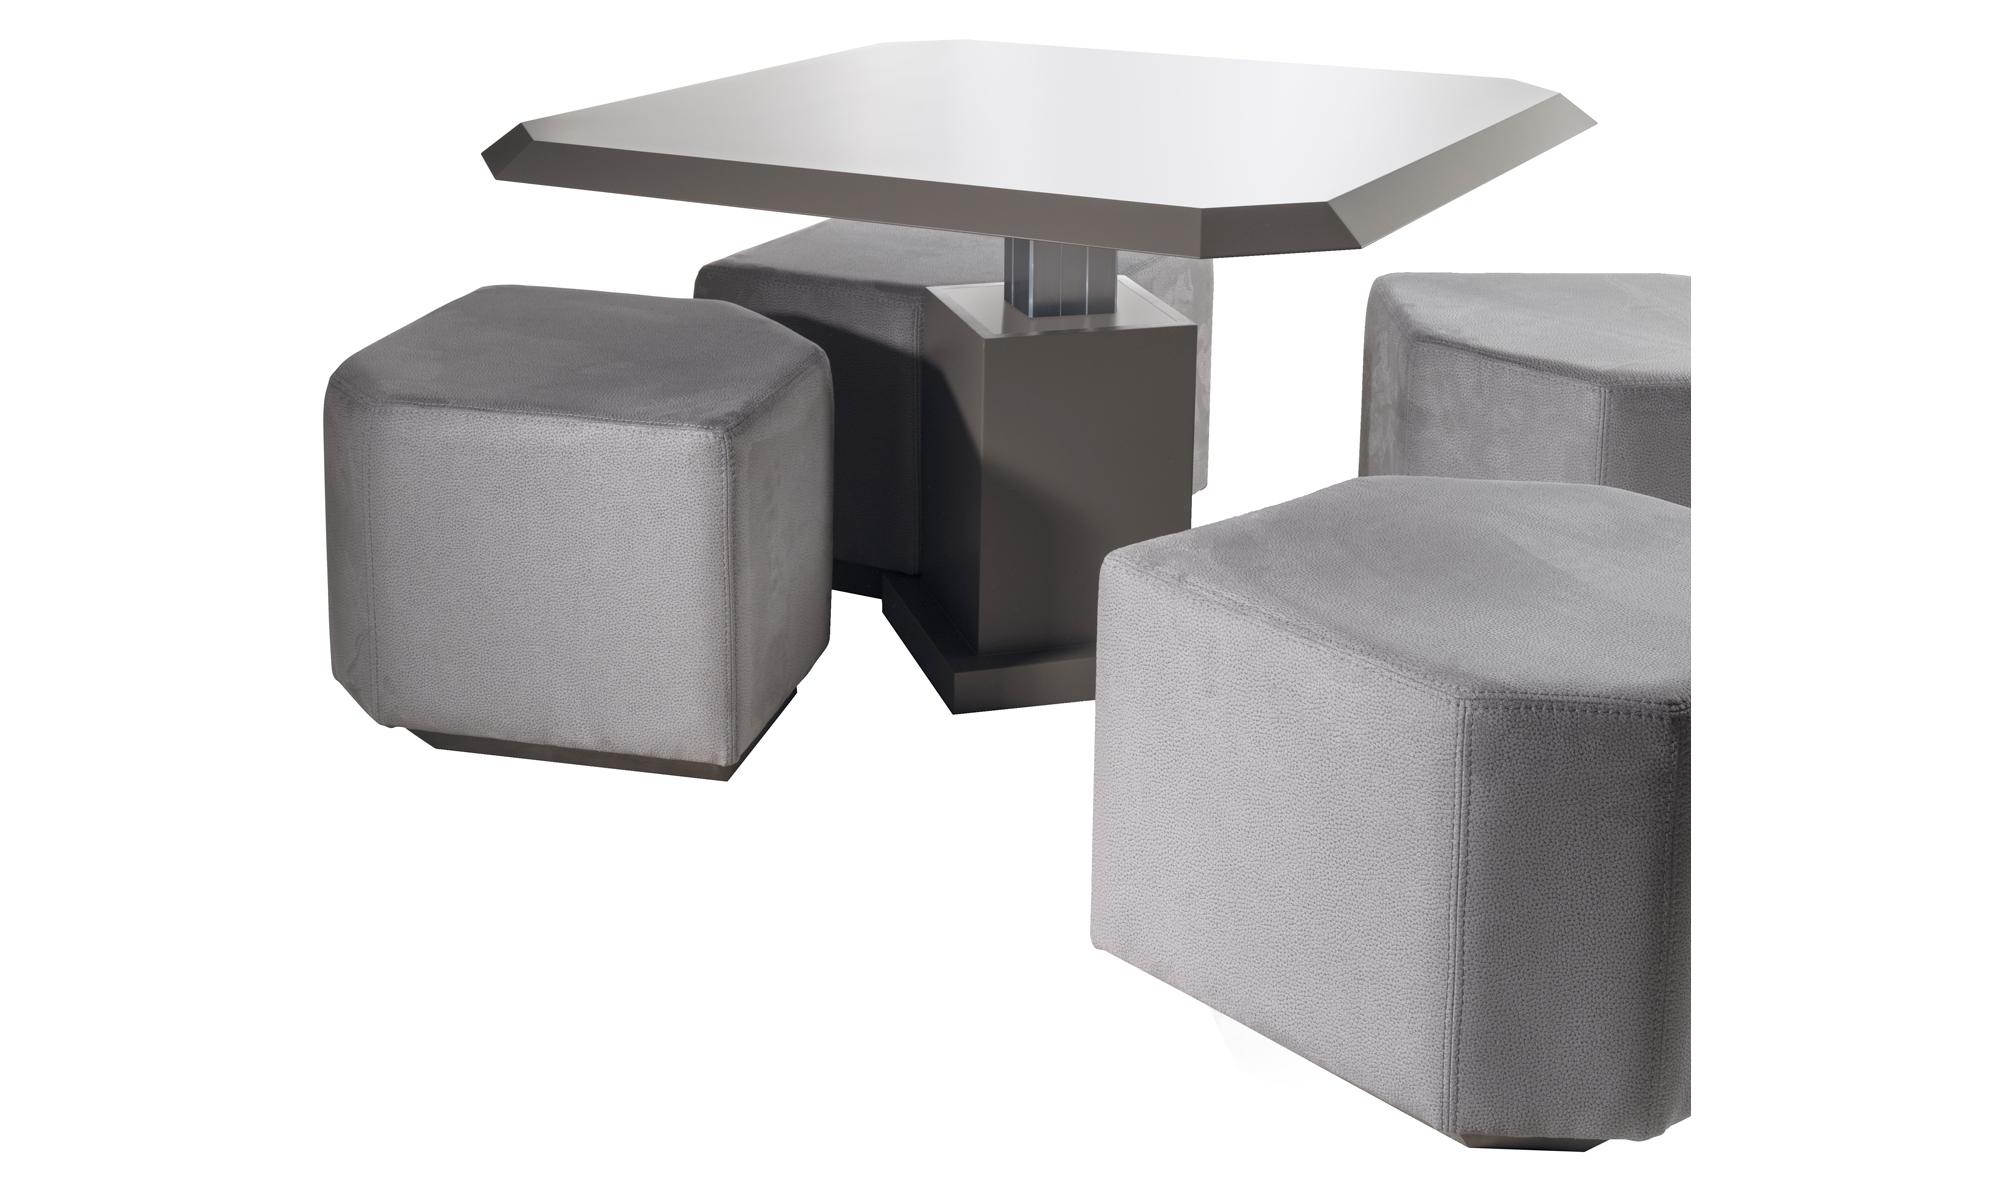 Mesa de centro convertible 4 puff moderno high tech en for Puff diseno moderno